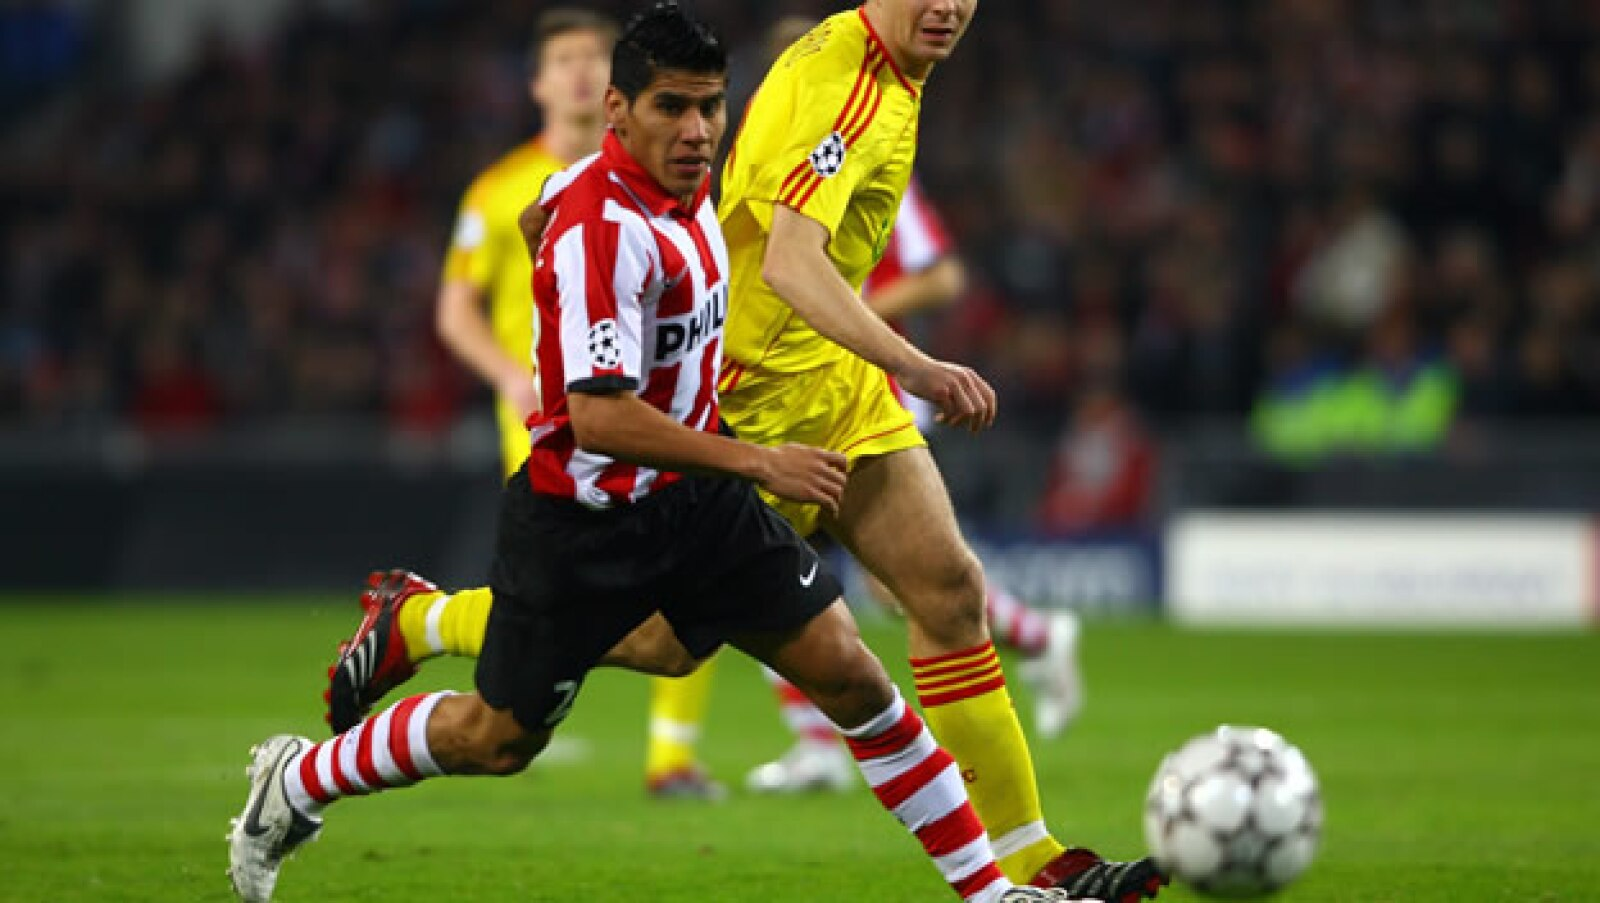 Su destacada actuación en el Mundial de 2006, ayudó a Carlos Salcido a llegar al PSV Eindhoven holandés, con el que ya fue campeón de liga